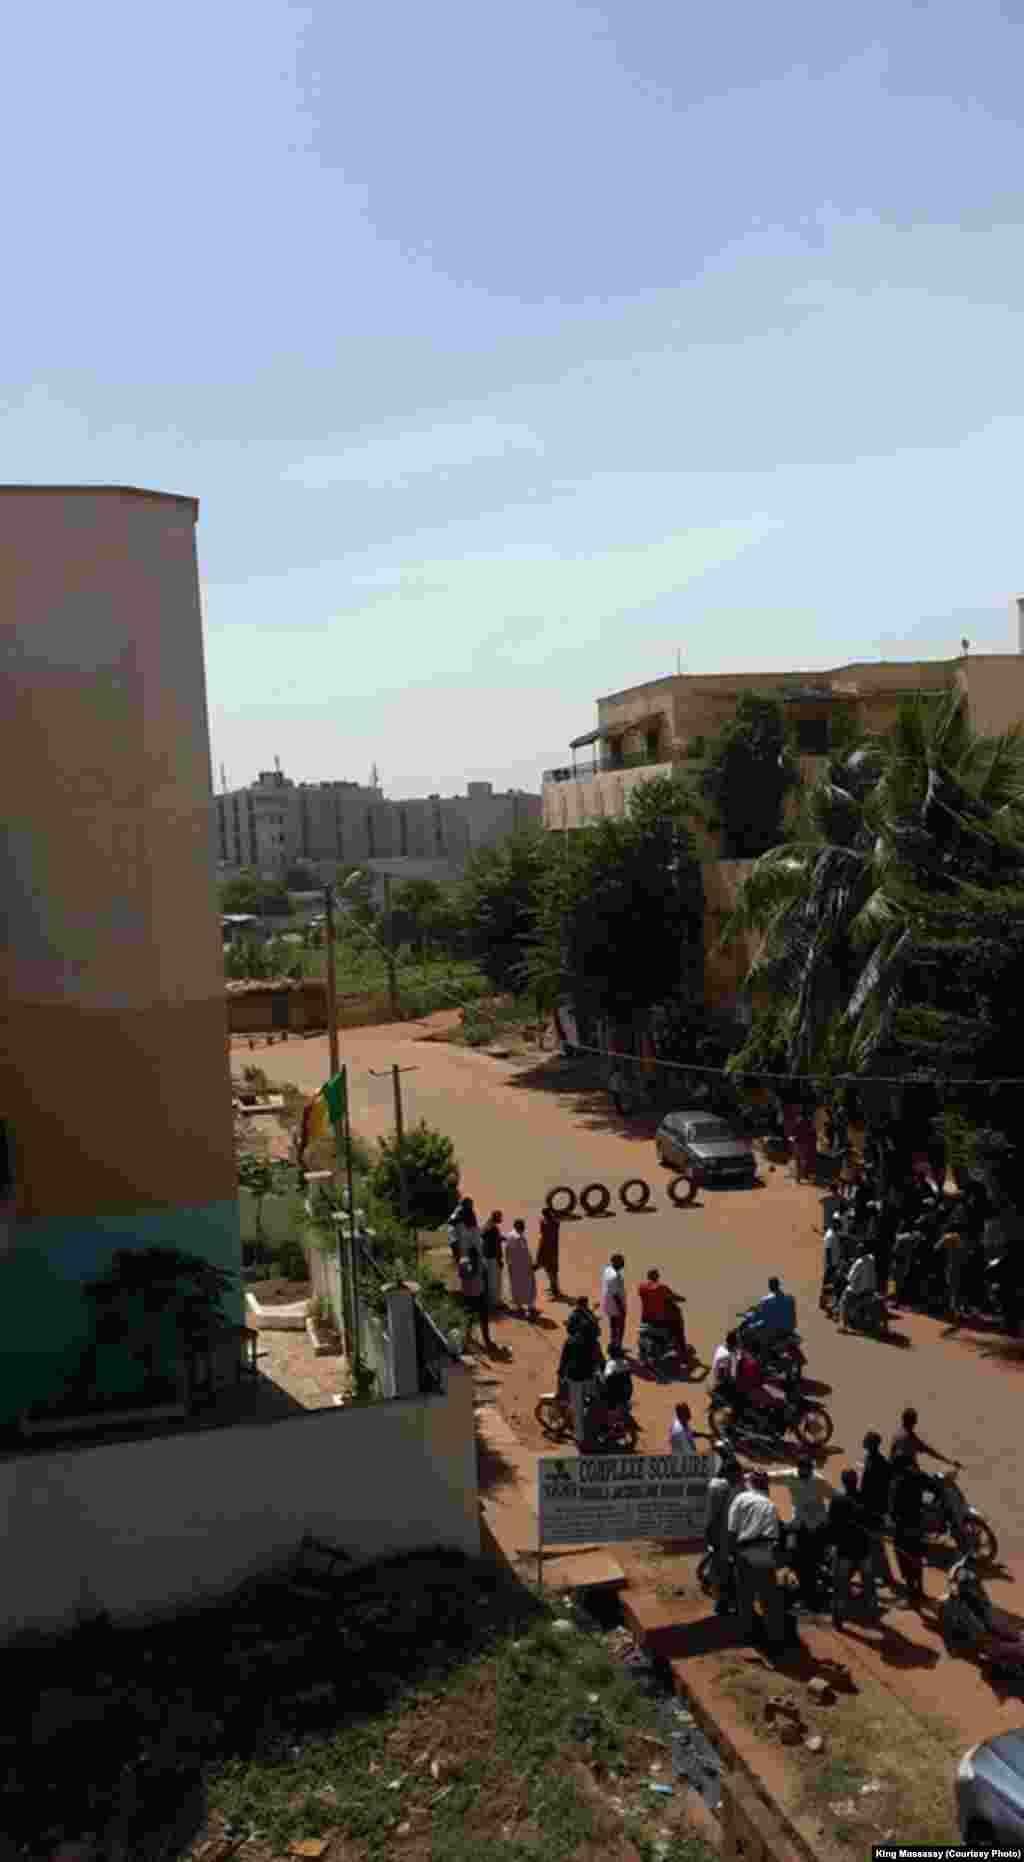 Quelques personnes dans une rue de Bamako près de l'hôtel Radisson attaqué, Mali, 20 novembre 2015. (crédit : King Massassy)